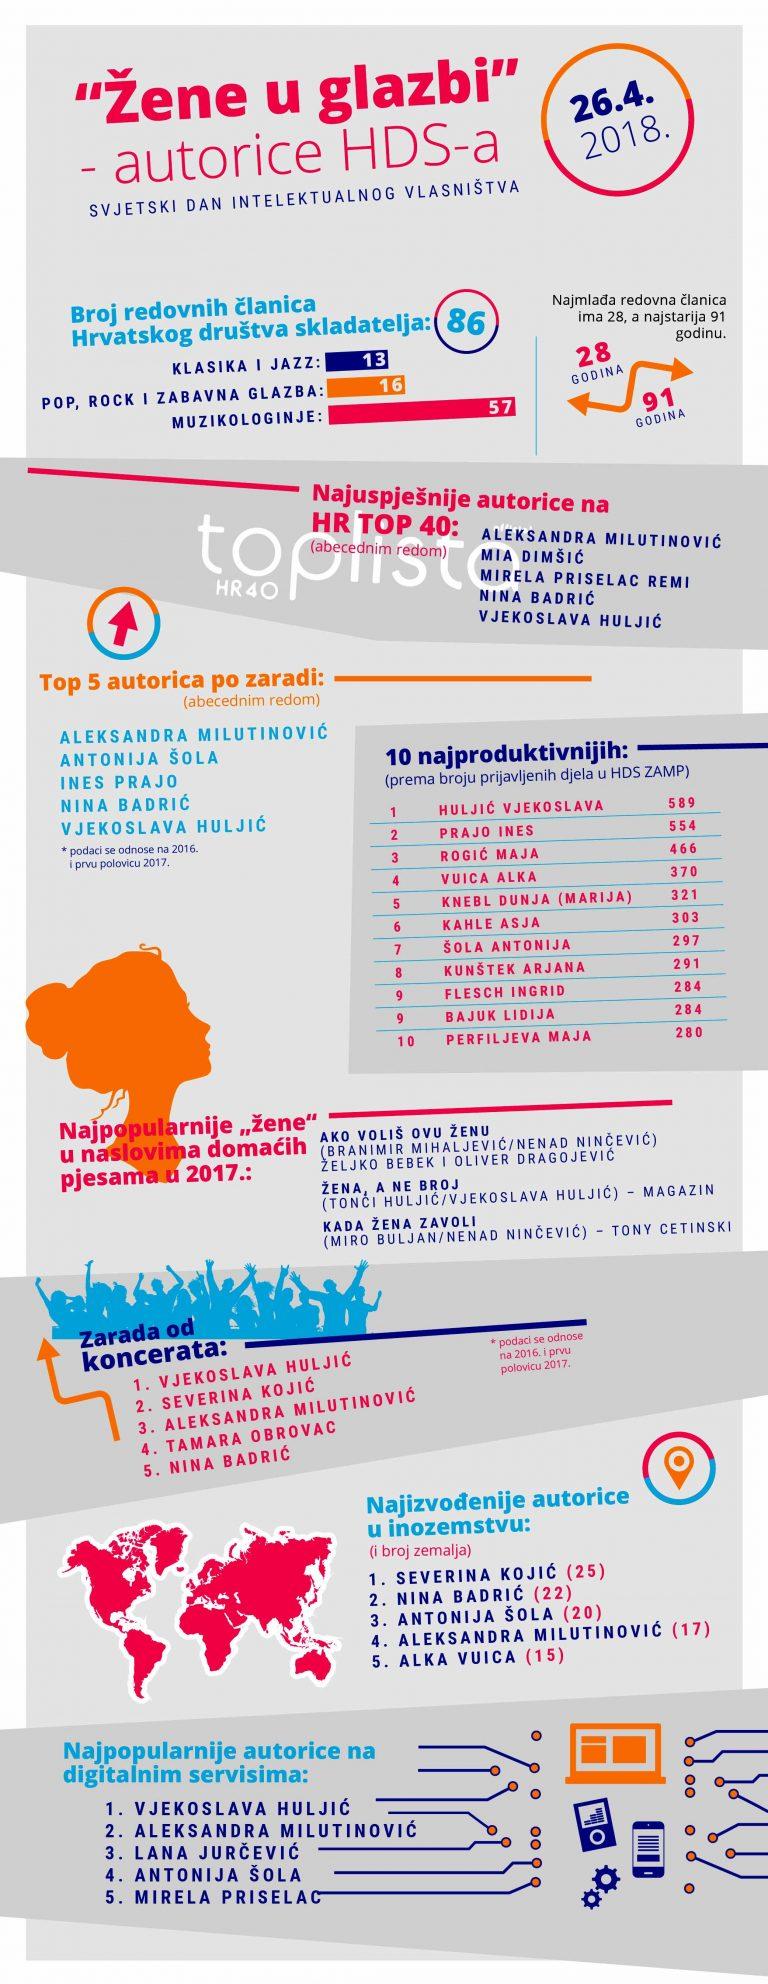 Uspješne autorice: Vjekoslava Huljić najproduktivnija, Severina najpopularnija u inozemstvu